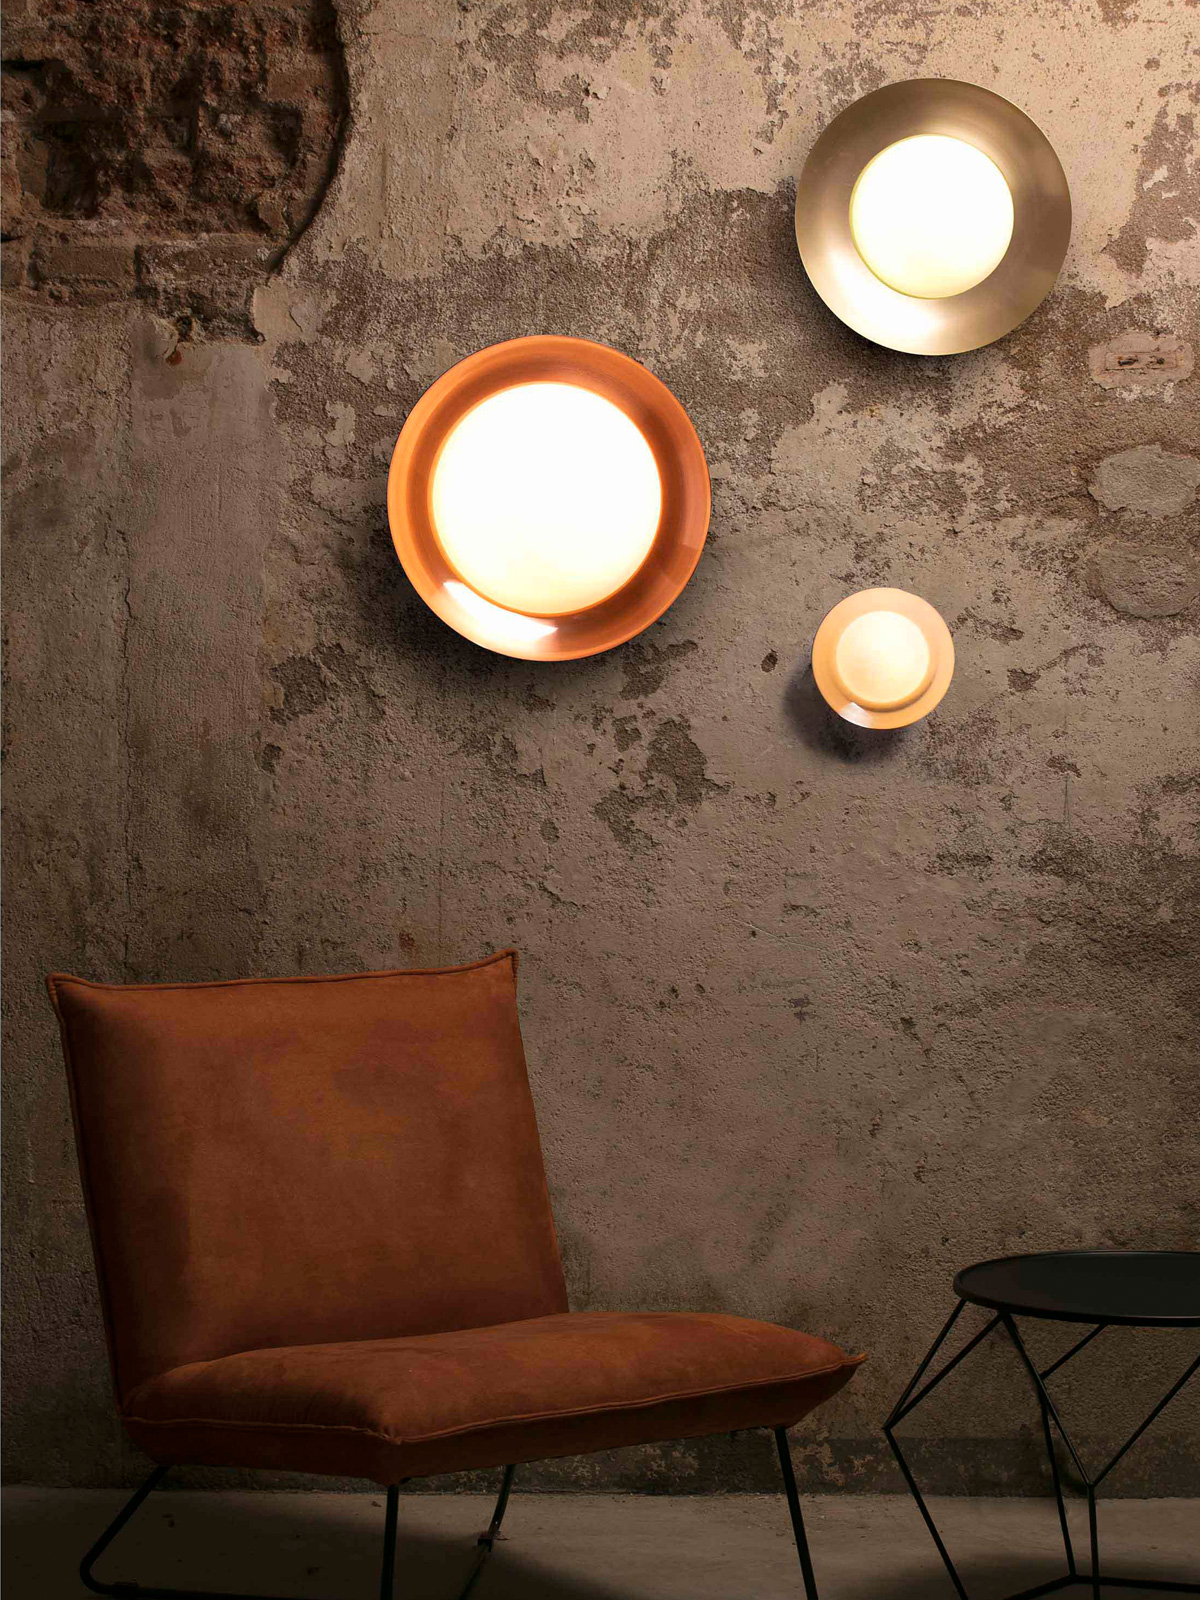 Full Size of Deckenlampen Wohnzimmer Designer Regale Badezimmer Lampen Esstisch Küche Bad Led Betten Esstische Für Modern Schlafzimmer Stehlampen Wohnzimmer Designer Lampen